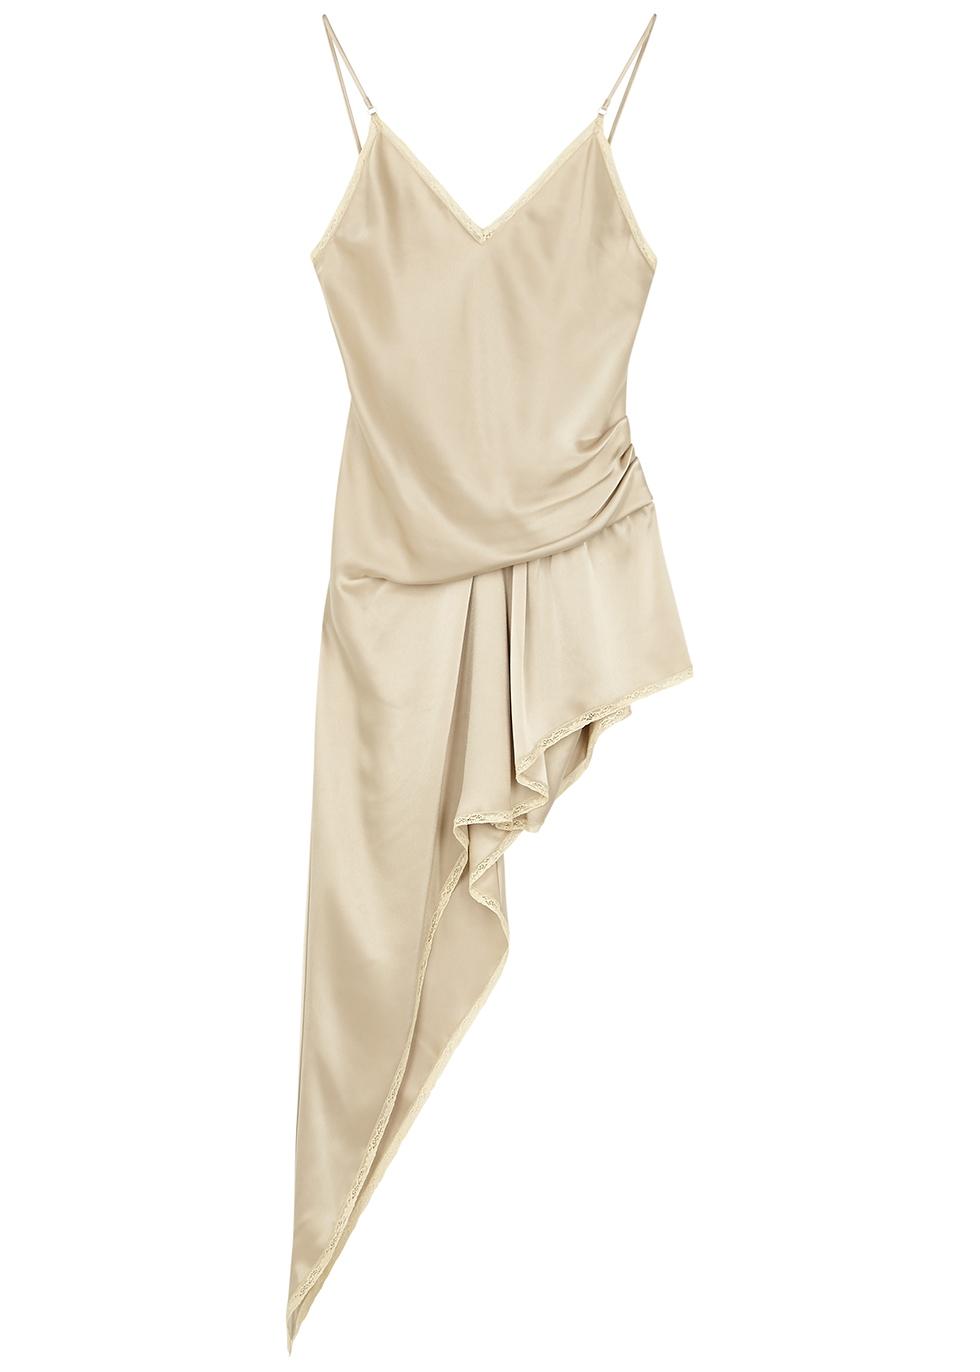 Champagne asymmetric satin mini dress